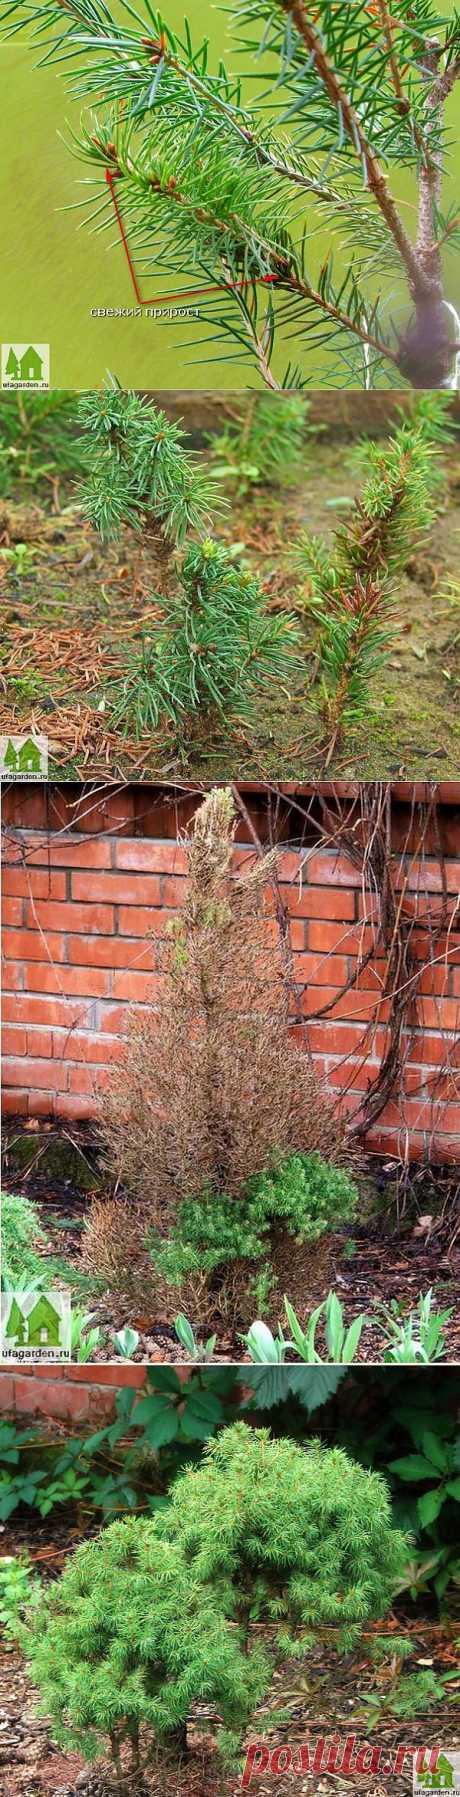 Размножение ели | Дачная жизнь - сад, огород, дача